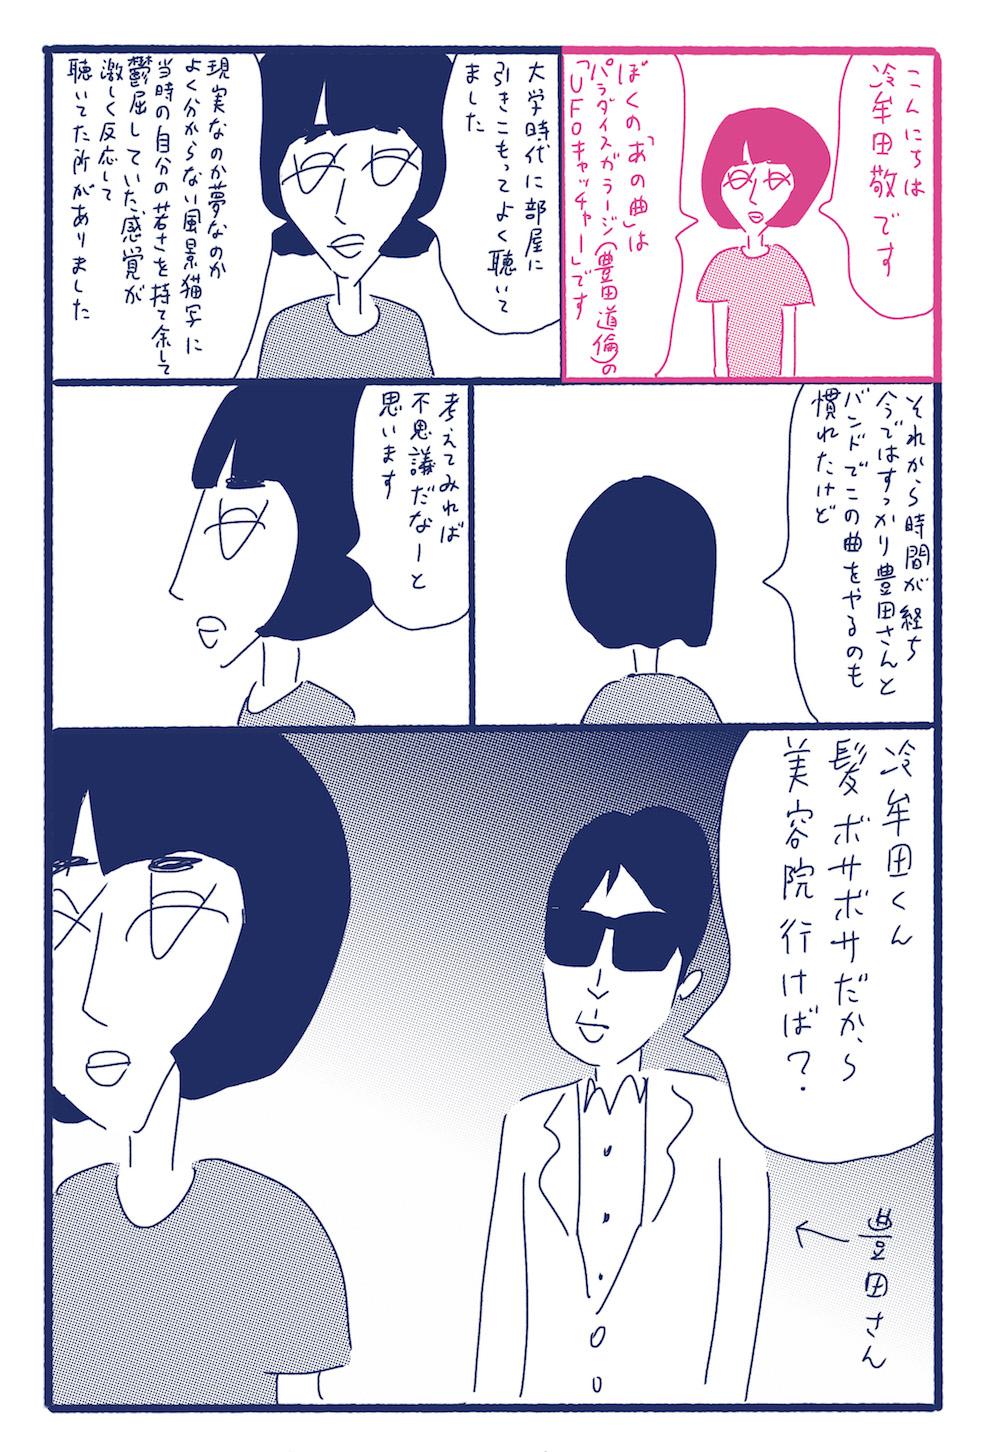 大橋裕之 冷牟田敬